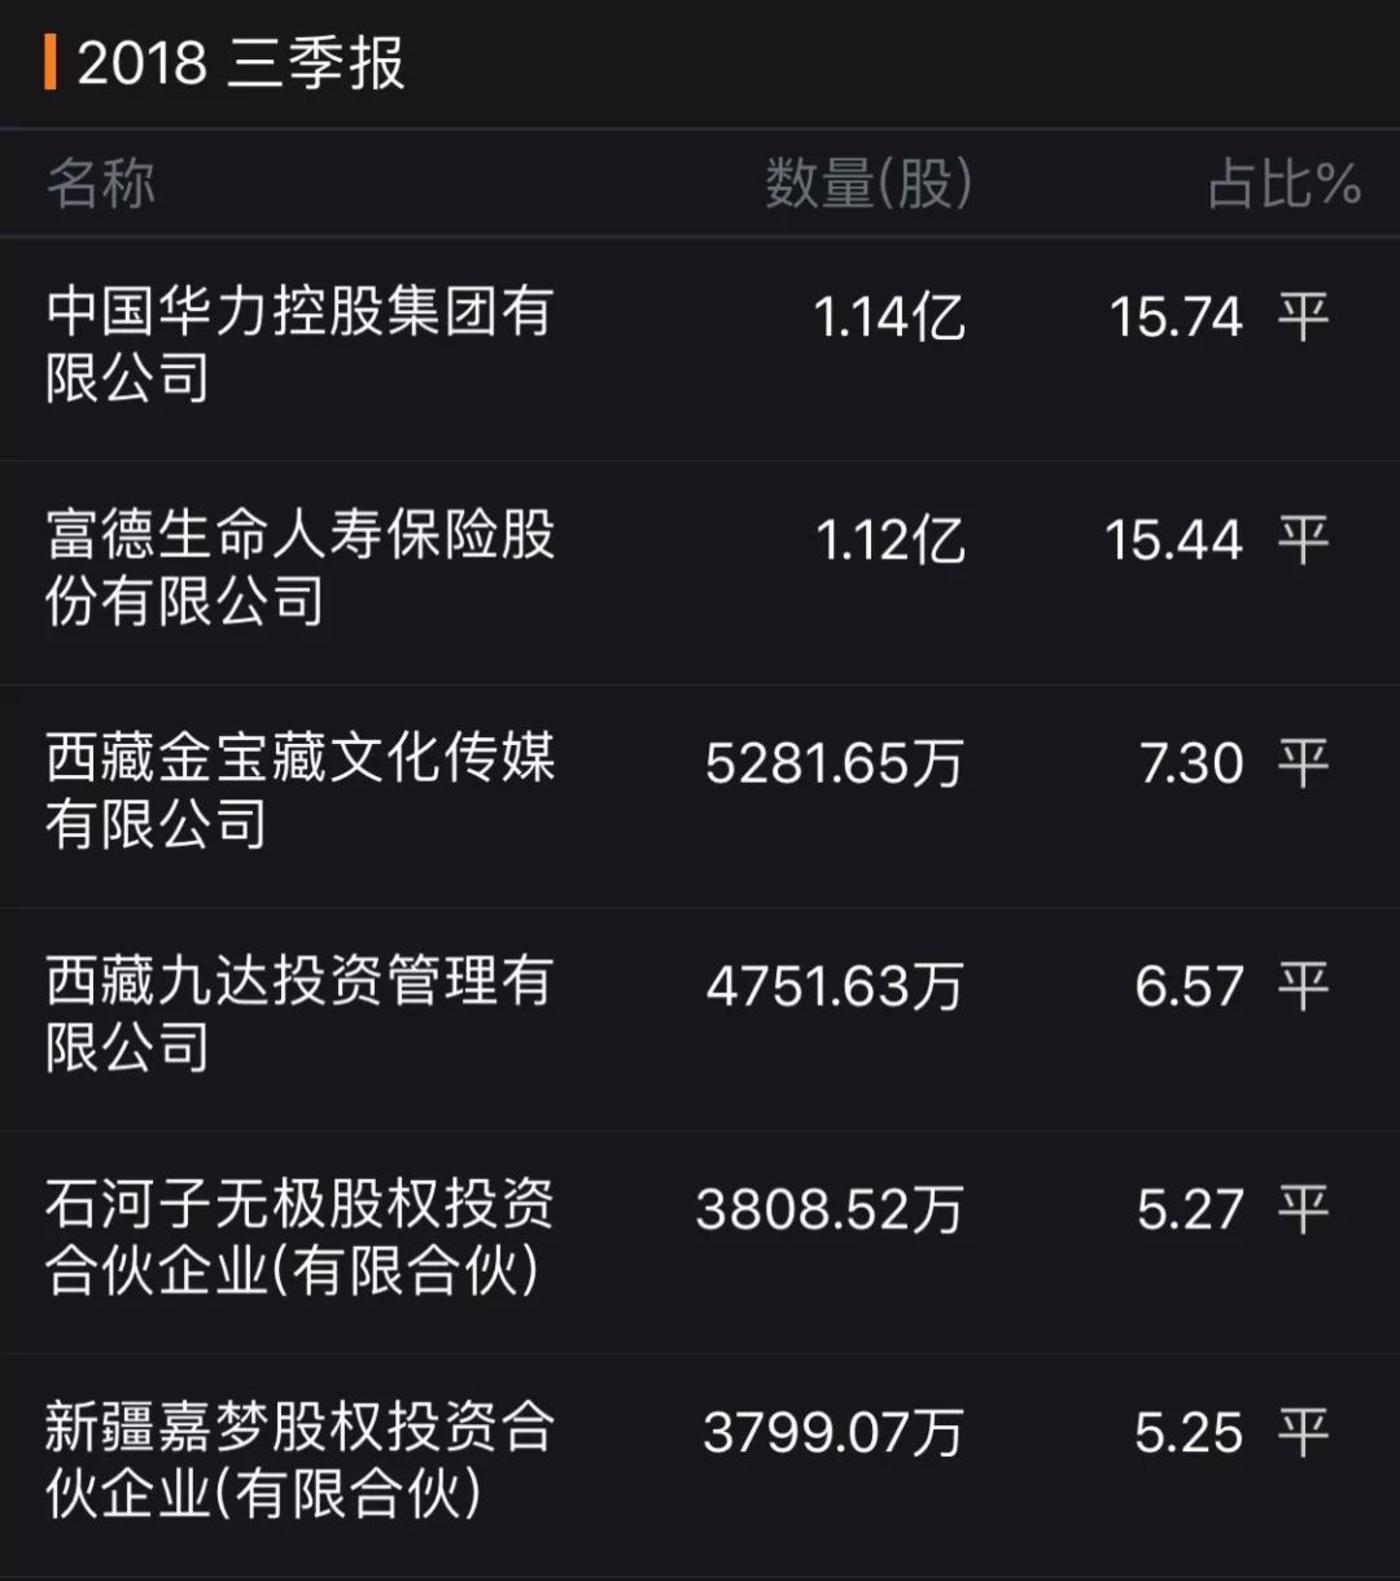 北京文化5%以上股东。来源:wind